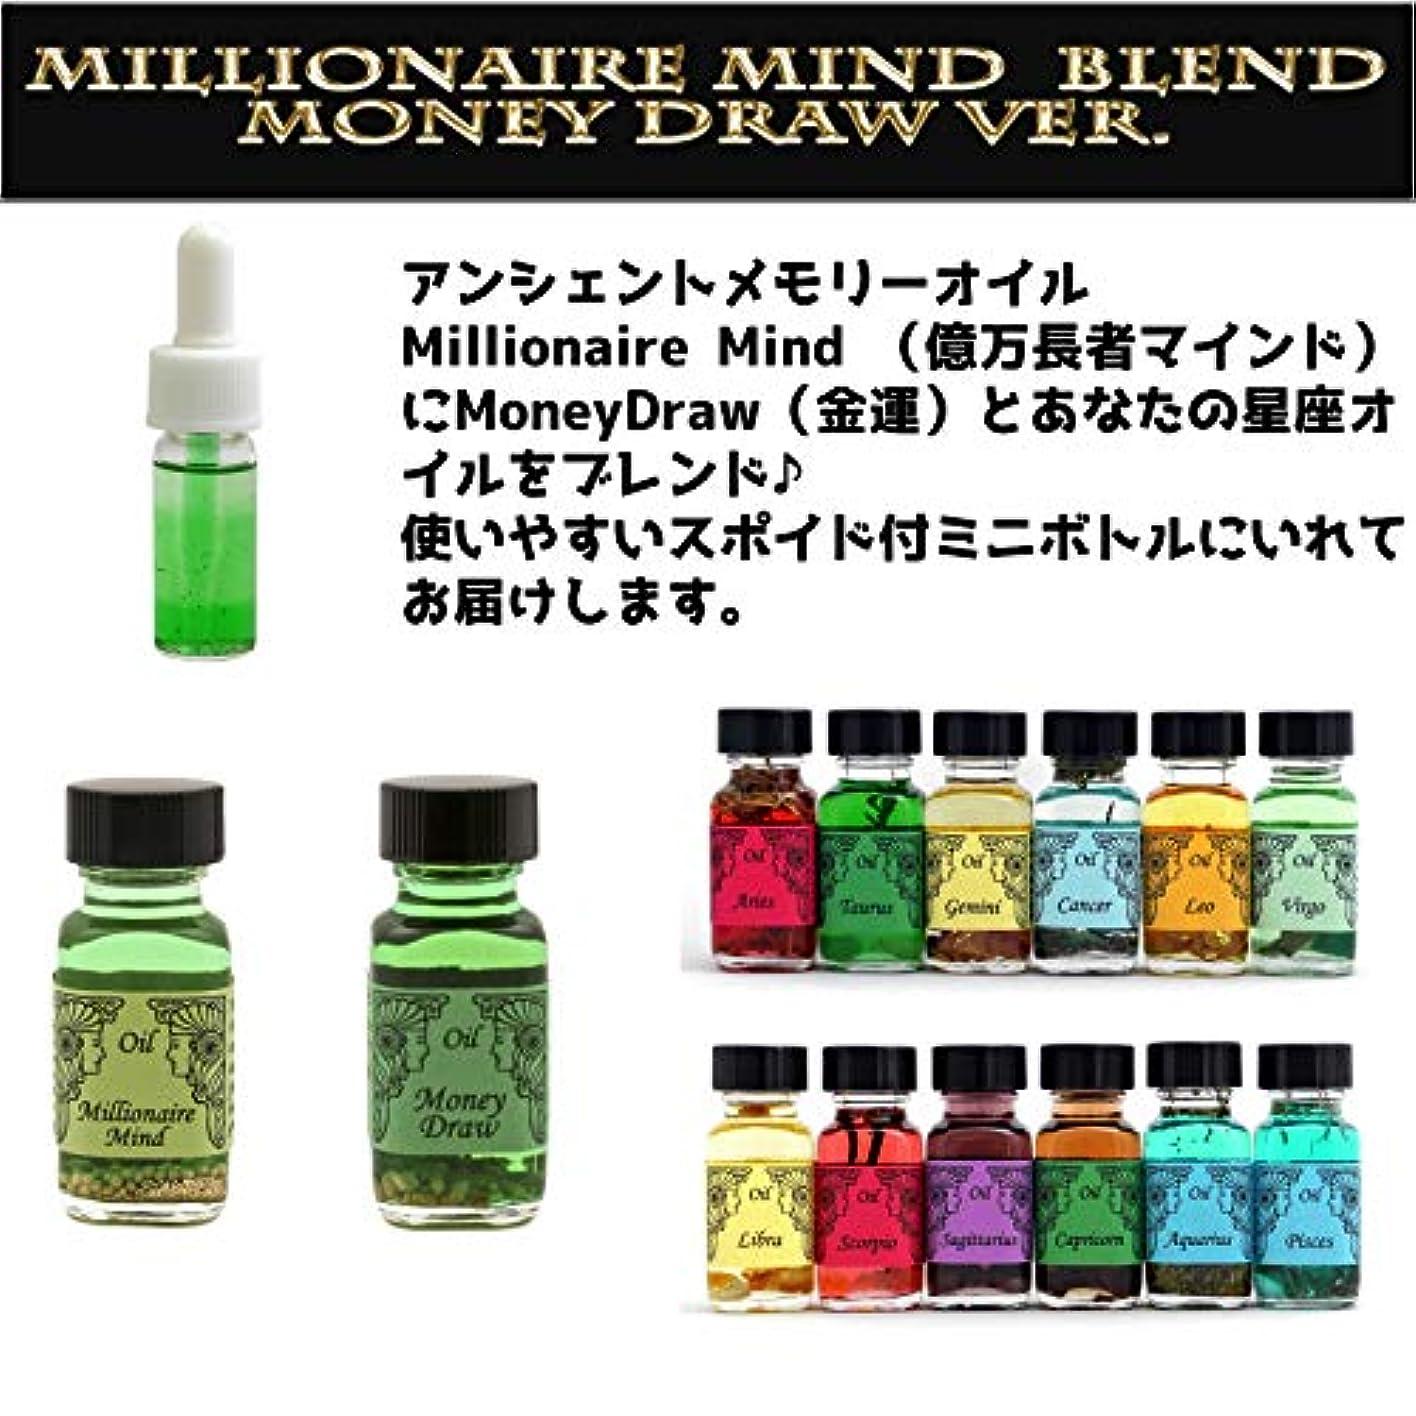 棚有彩色のプラグアンシェントメモリーオイル Millionaire Mind 億万長者マインド ブレンド(Money Drawマネードロー(金運)&やぎ座